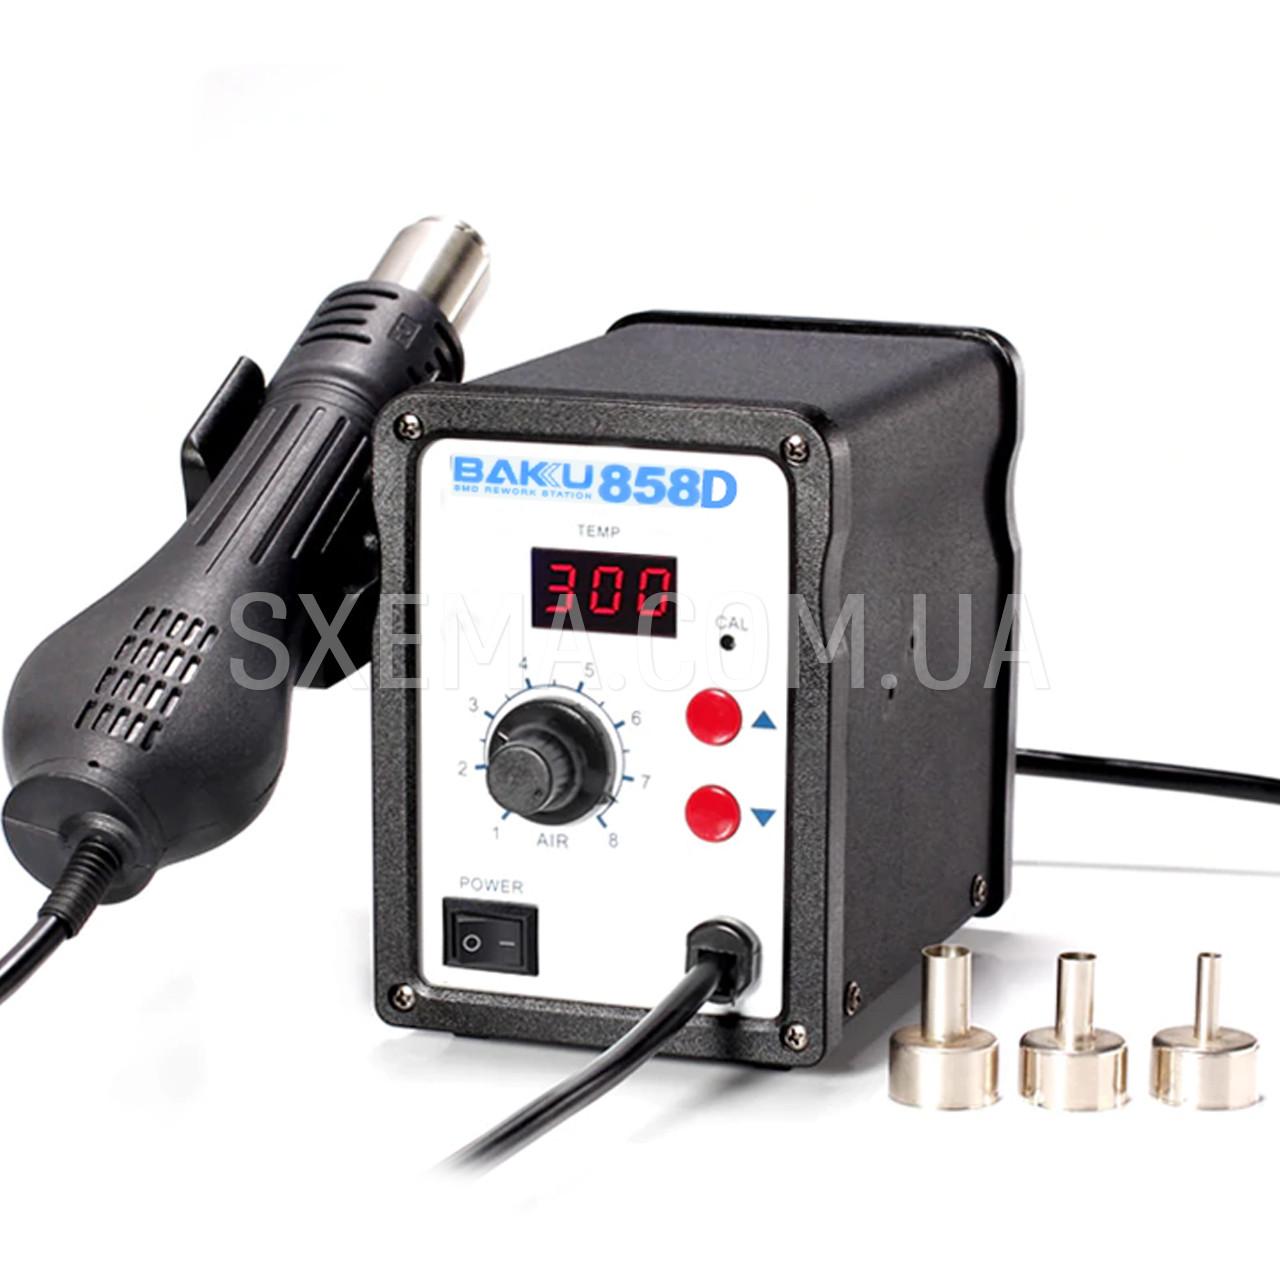 Паяльная станция Baku858D термофен для пайки 700W пайка SMD, BGA, QFP